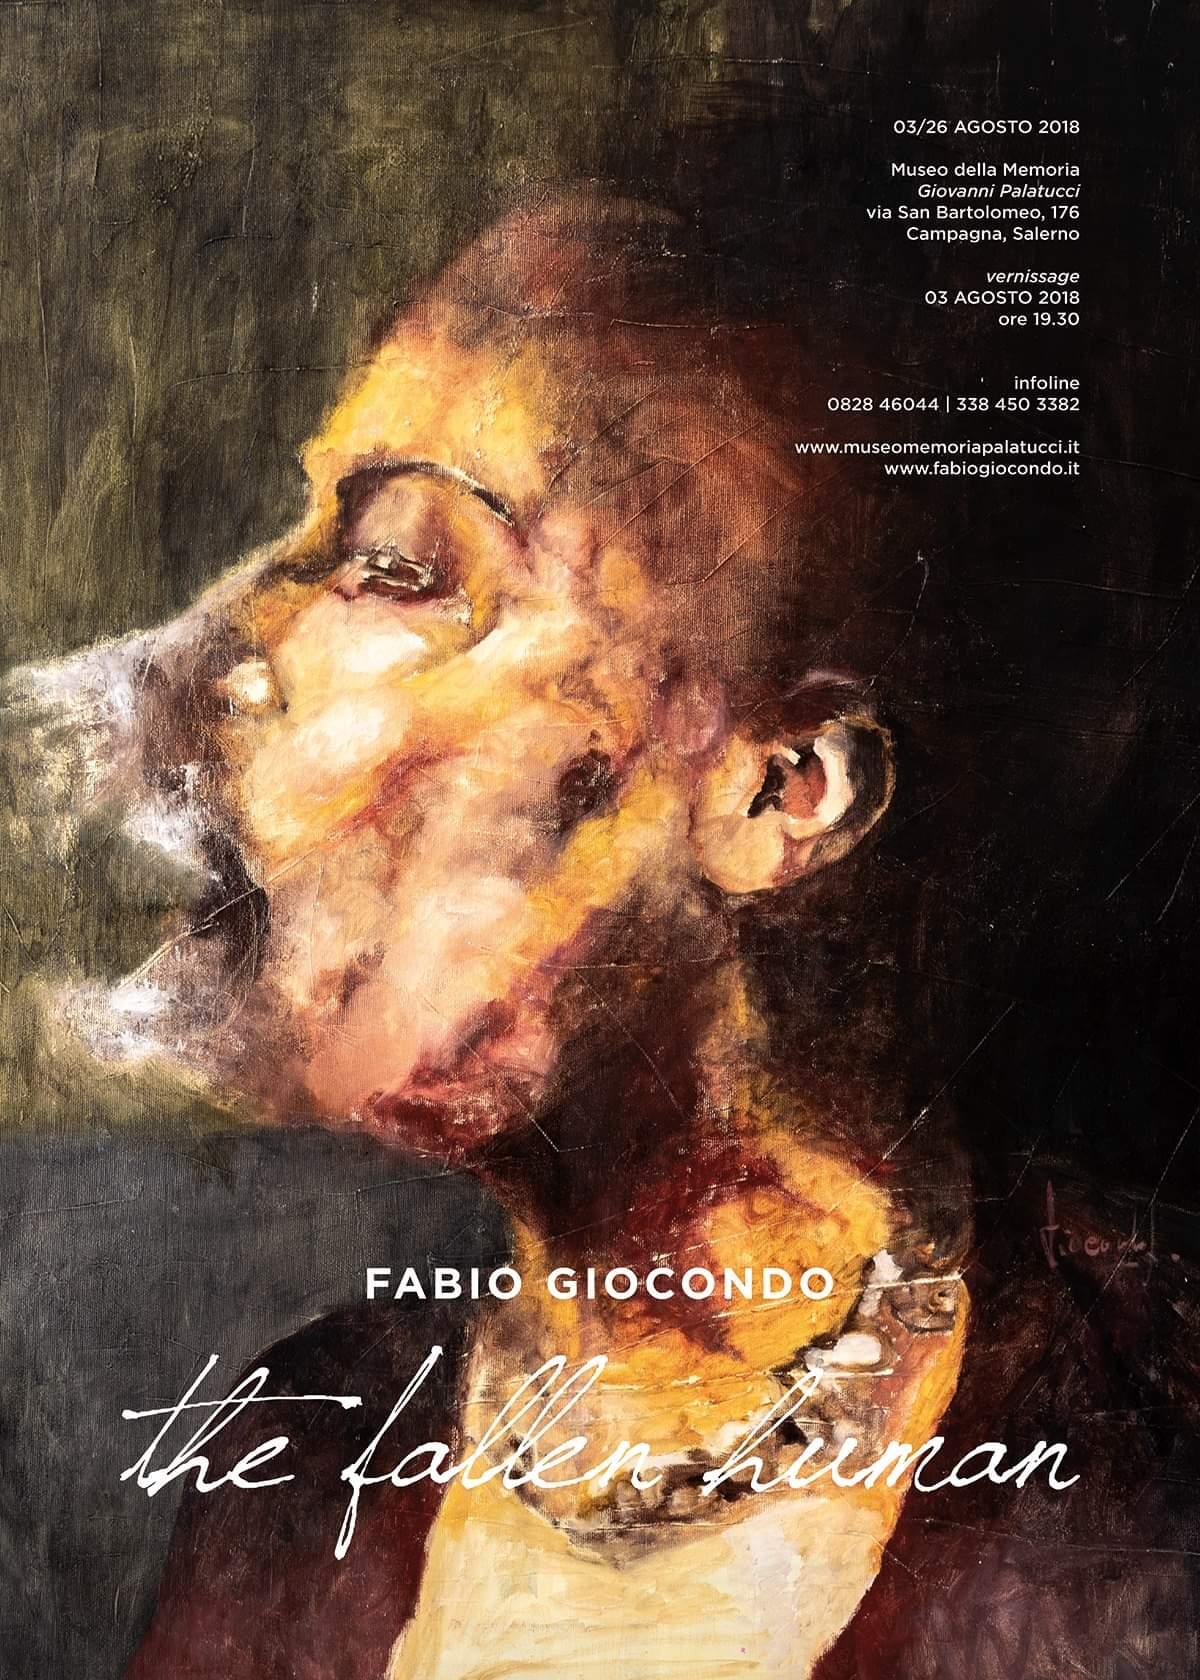 Mostra d'Arte: The Fallen Human – 3 agosto/30 settembre 2018